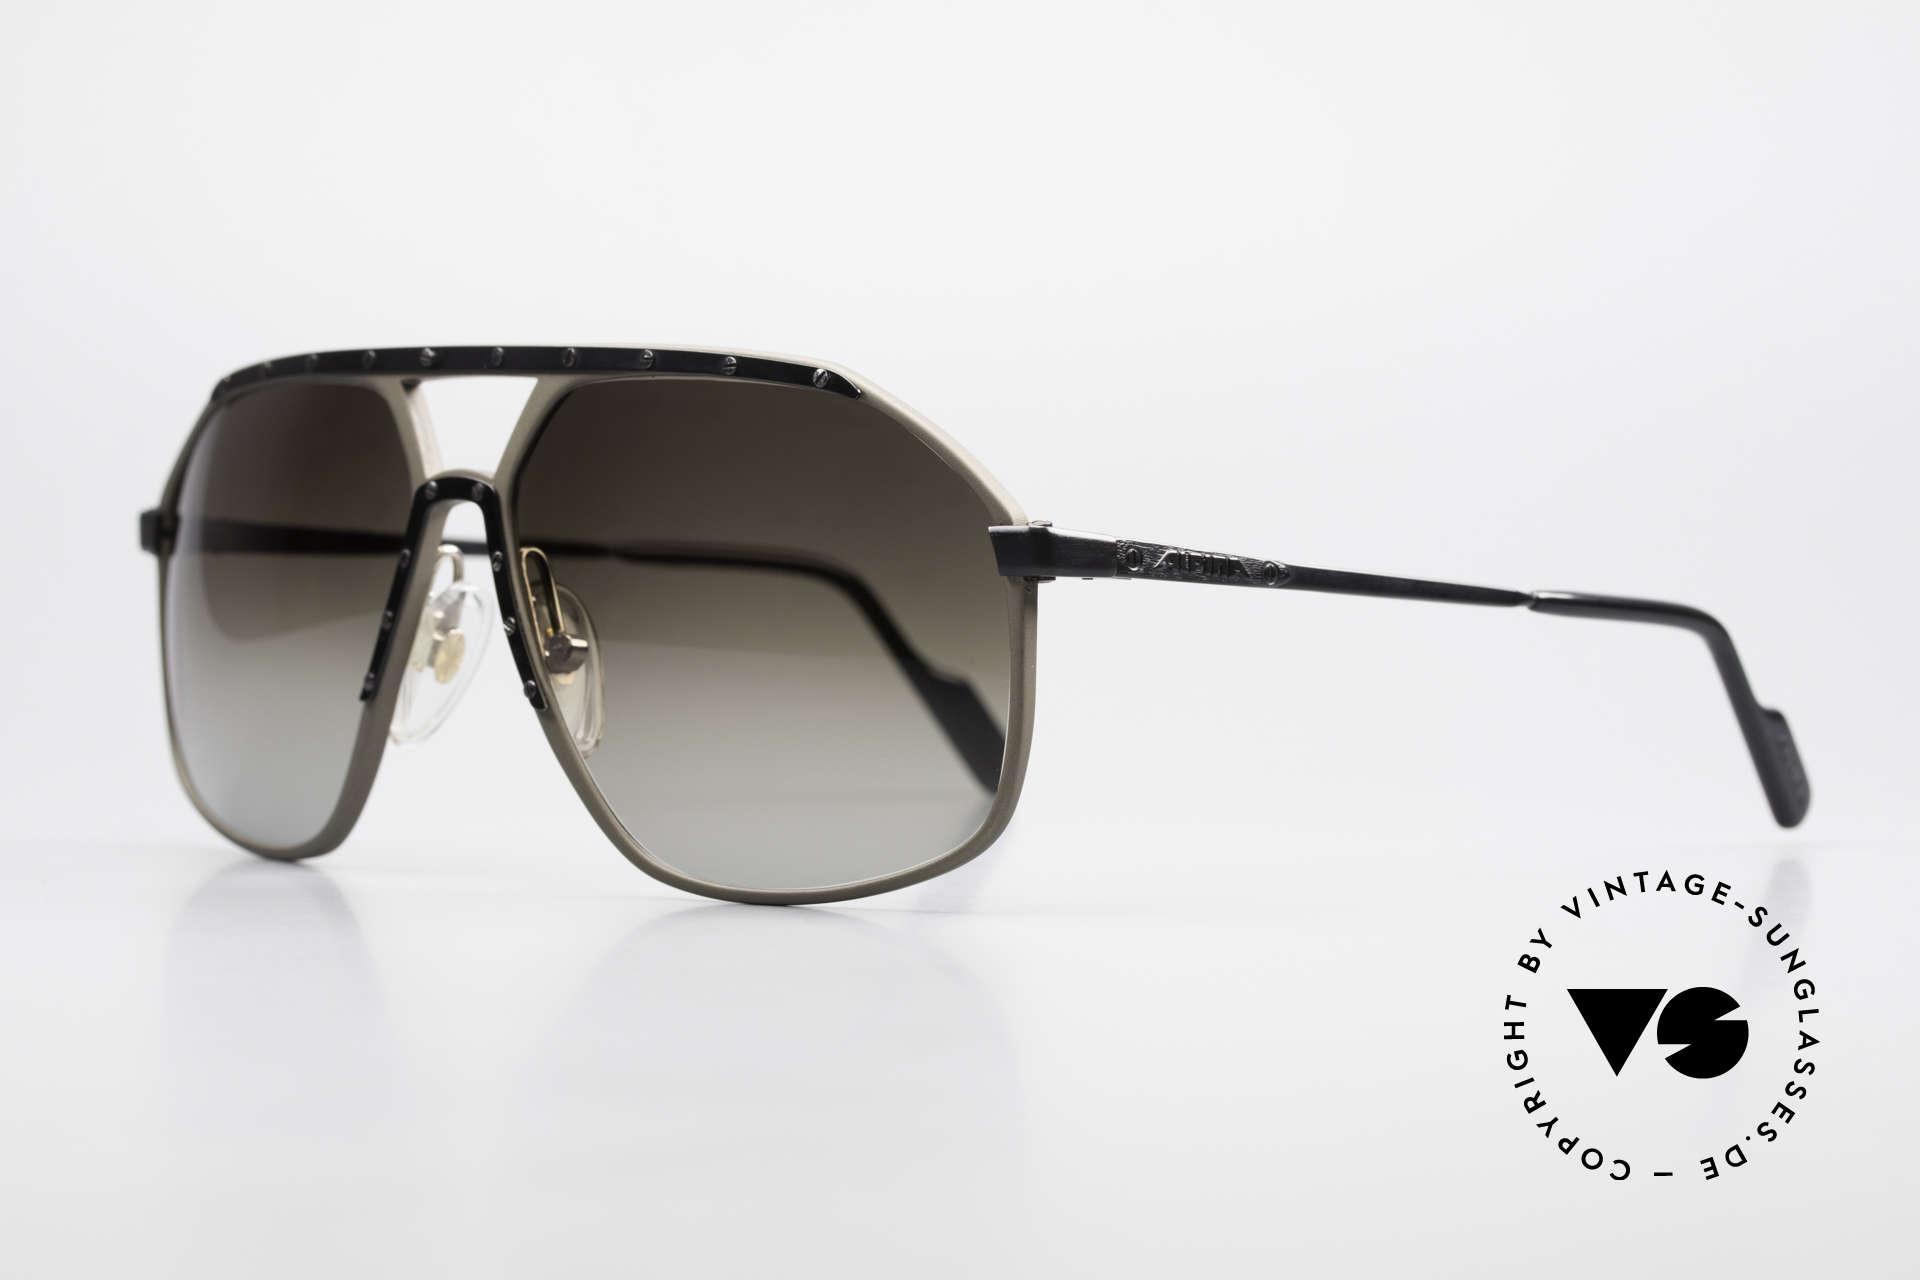 Alpina M1/7 Rare Vintage Sonnenbrille 90er, dann mit Bügelaufdrucken anstatt der Rahmen-Gravur, Passend für Herren